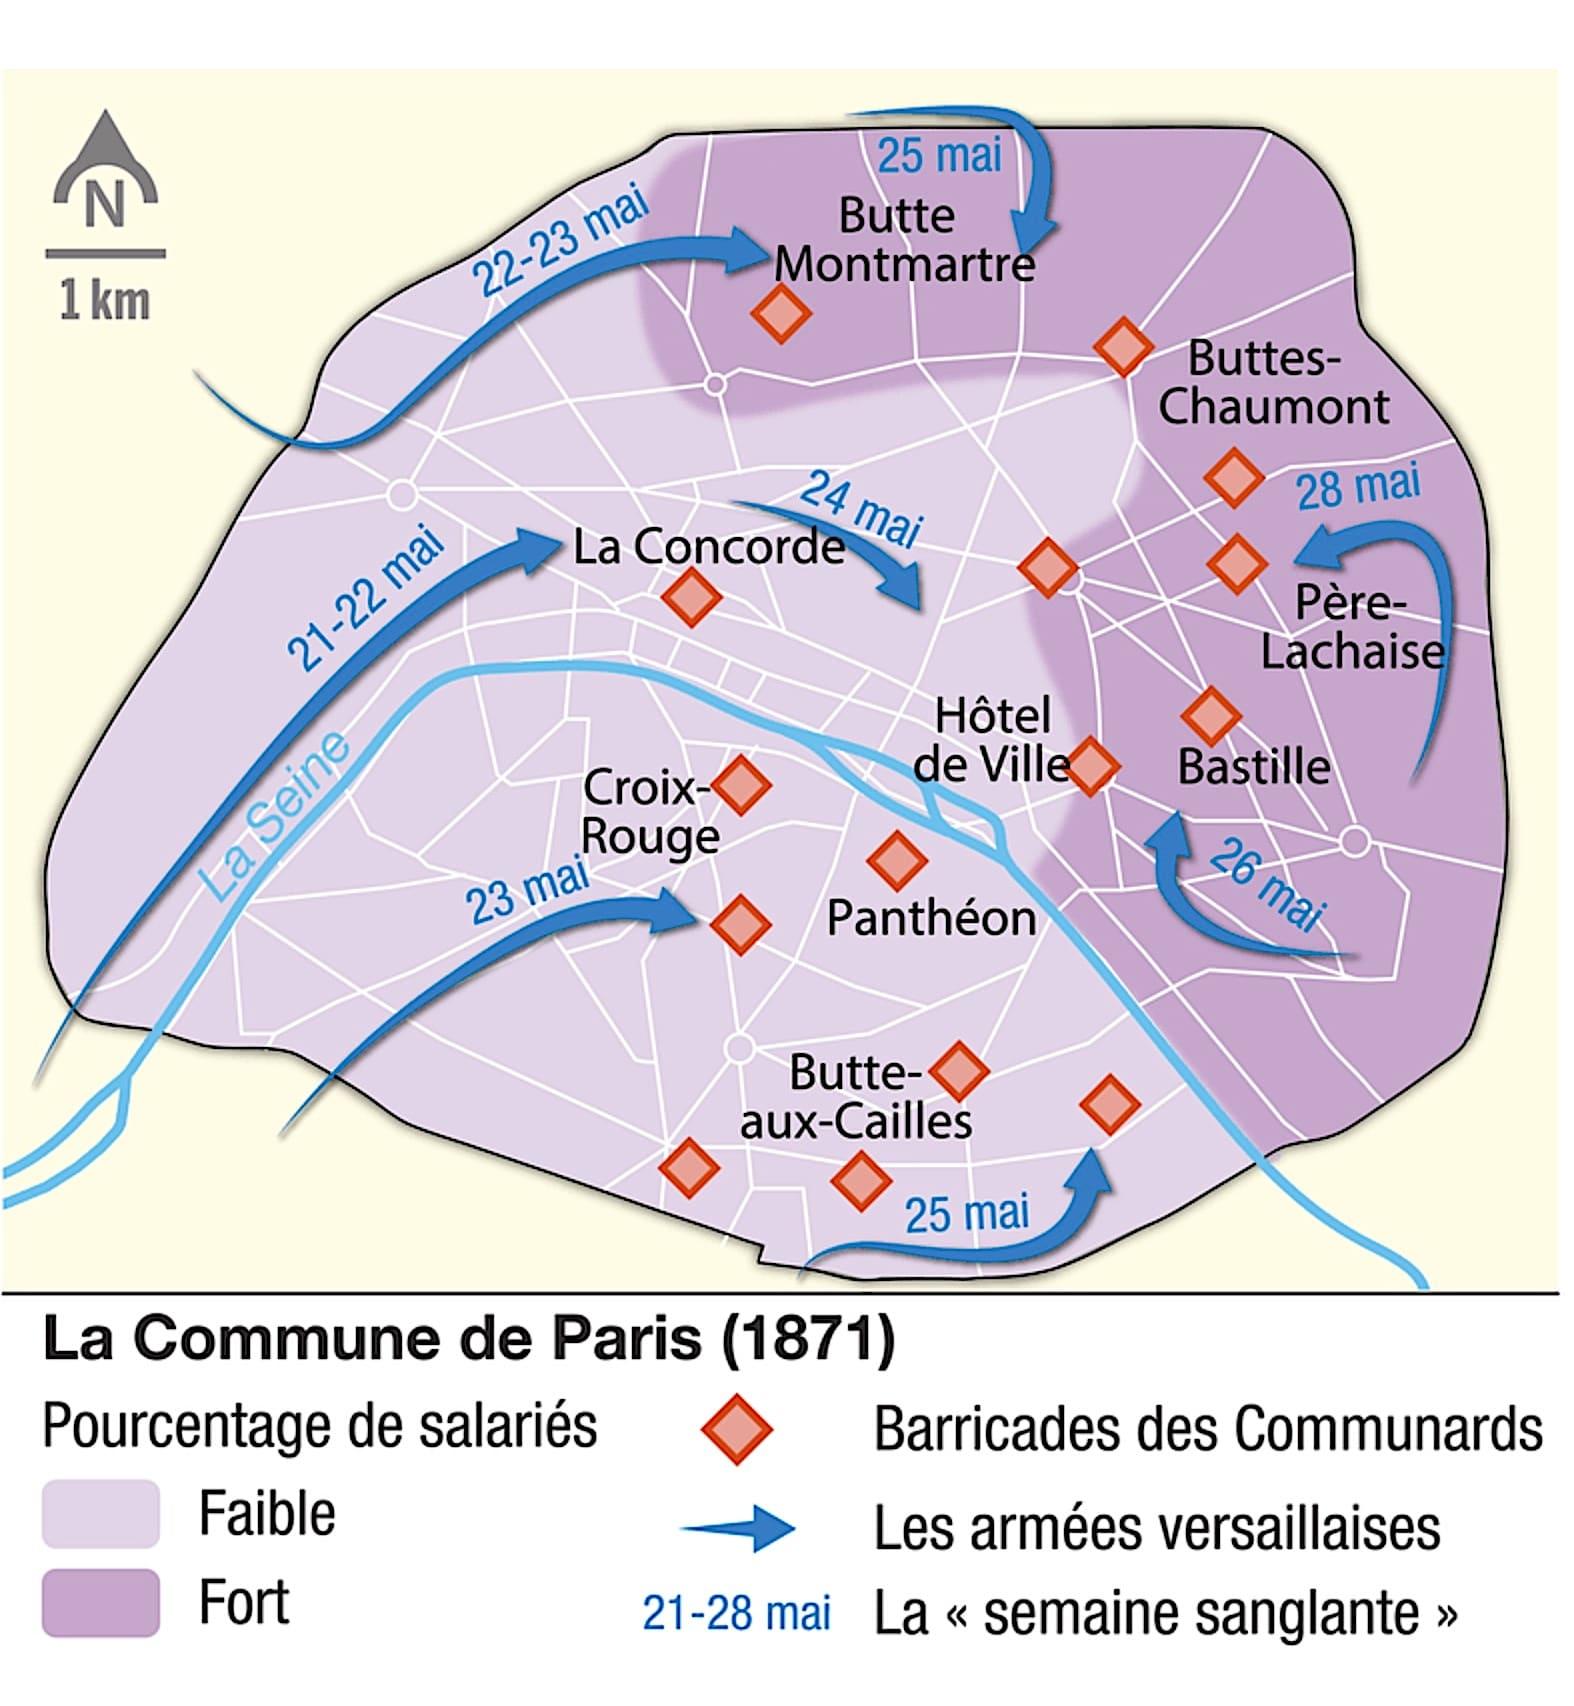 Les versaillais envahissent Paris lors de la semaine sanglante